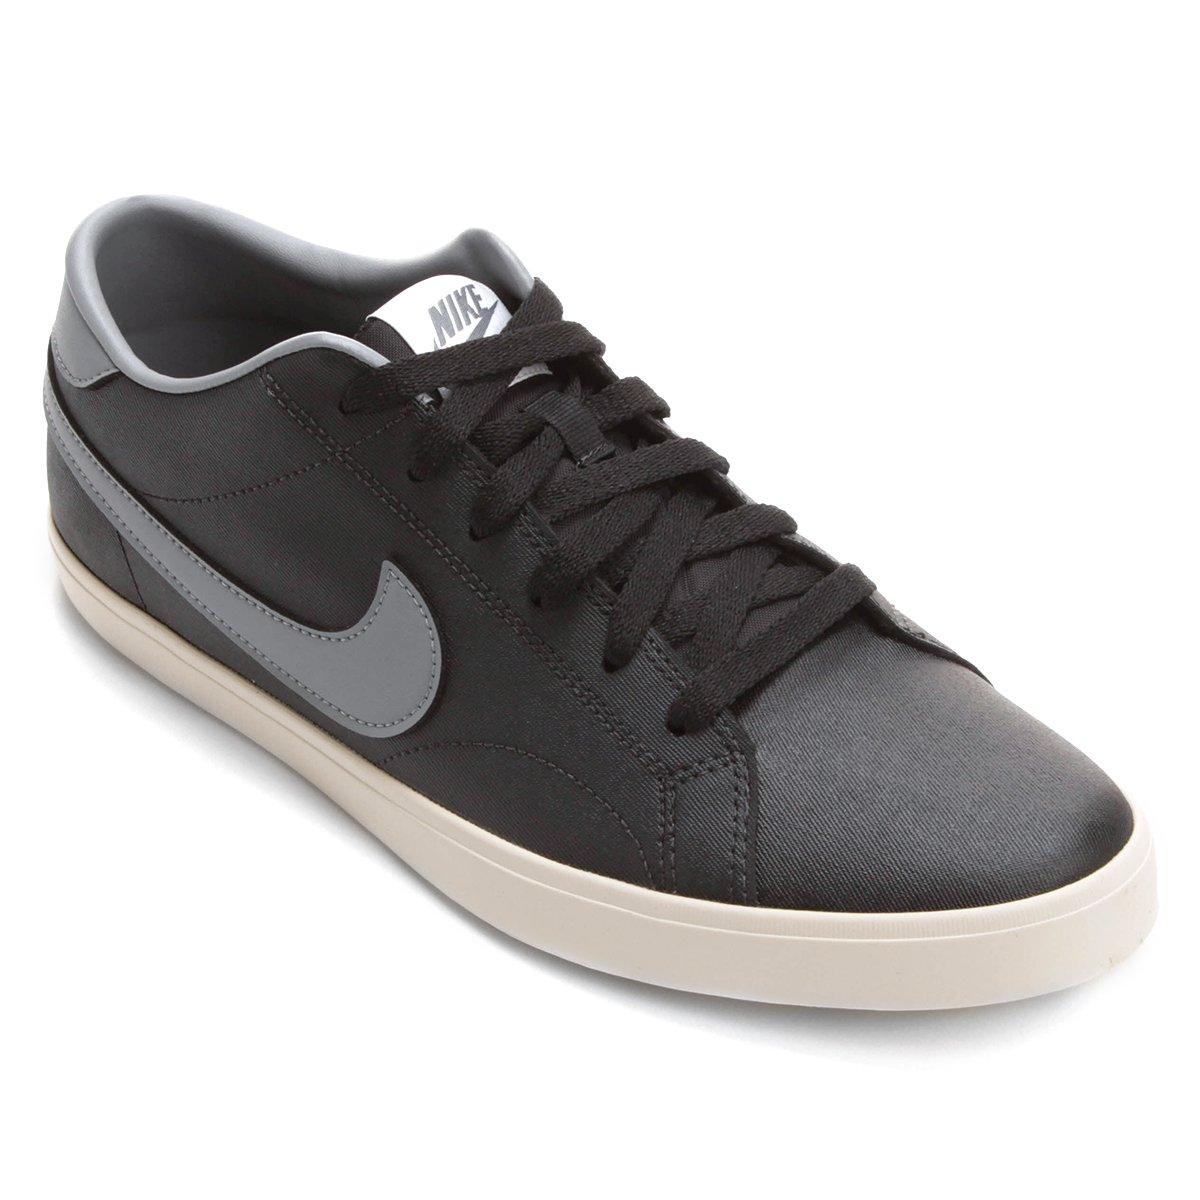 b867c09d94 Tênis Nike Eastham - Preto+Chumbo. R$ 199,99